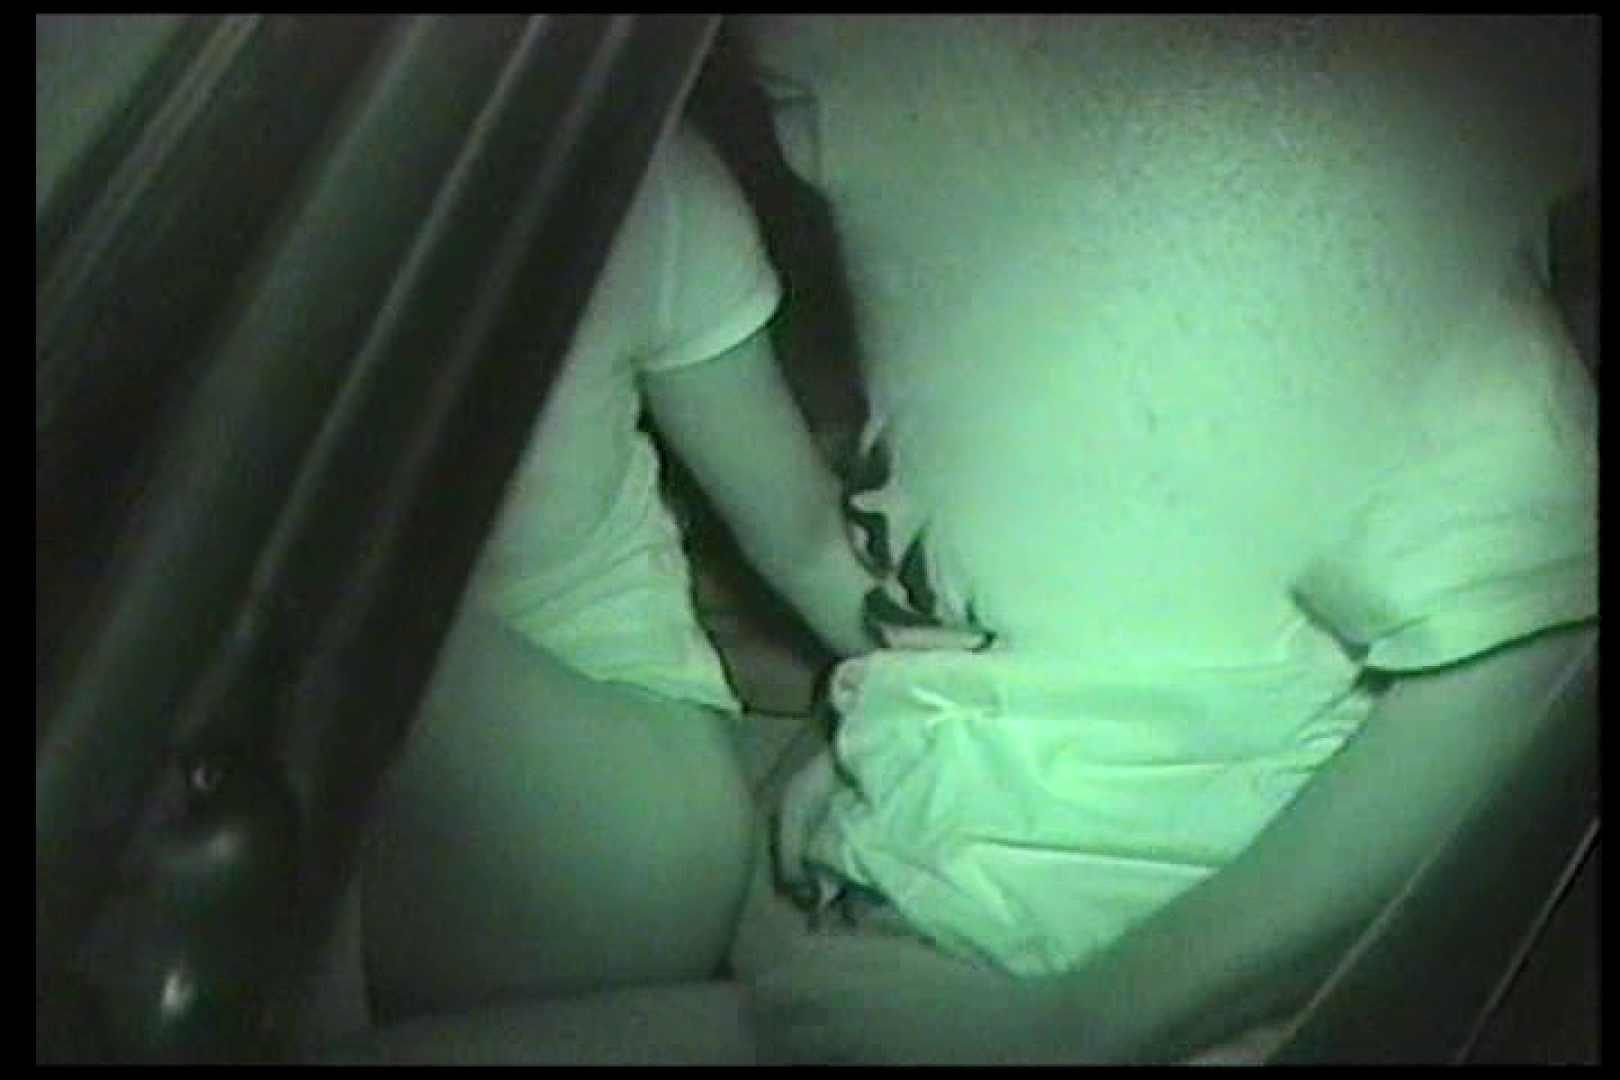 カーセックス未編集・無修正版 Vol.6後編 OLの実態 盗撮セックス無修正動画無料 101pic 68